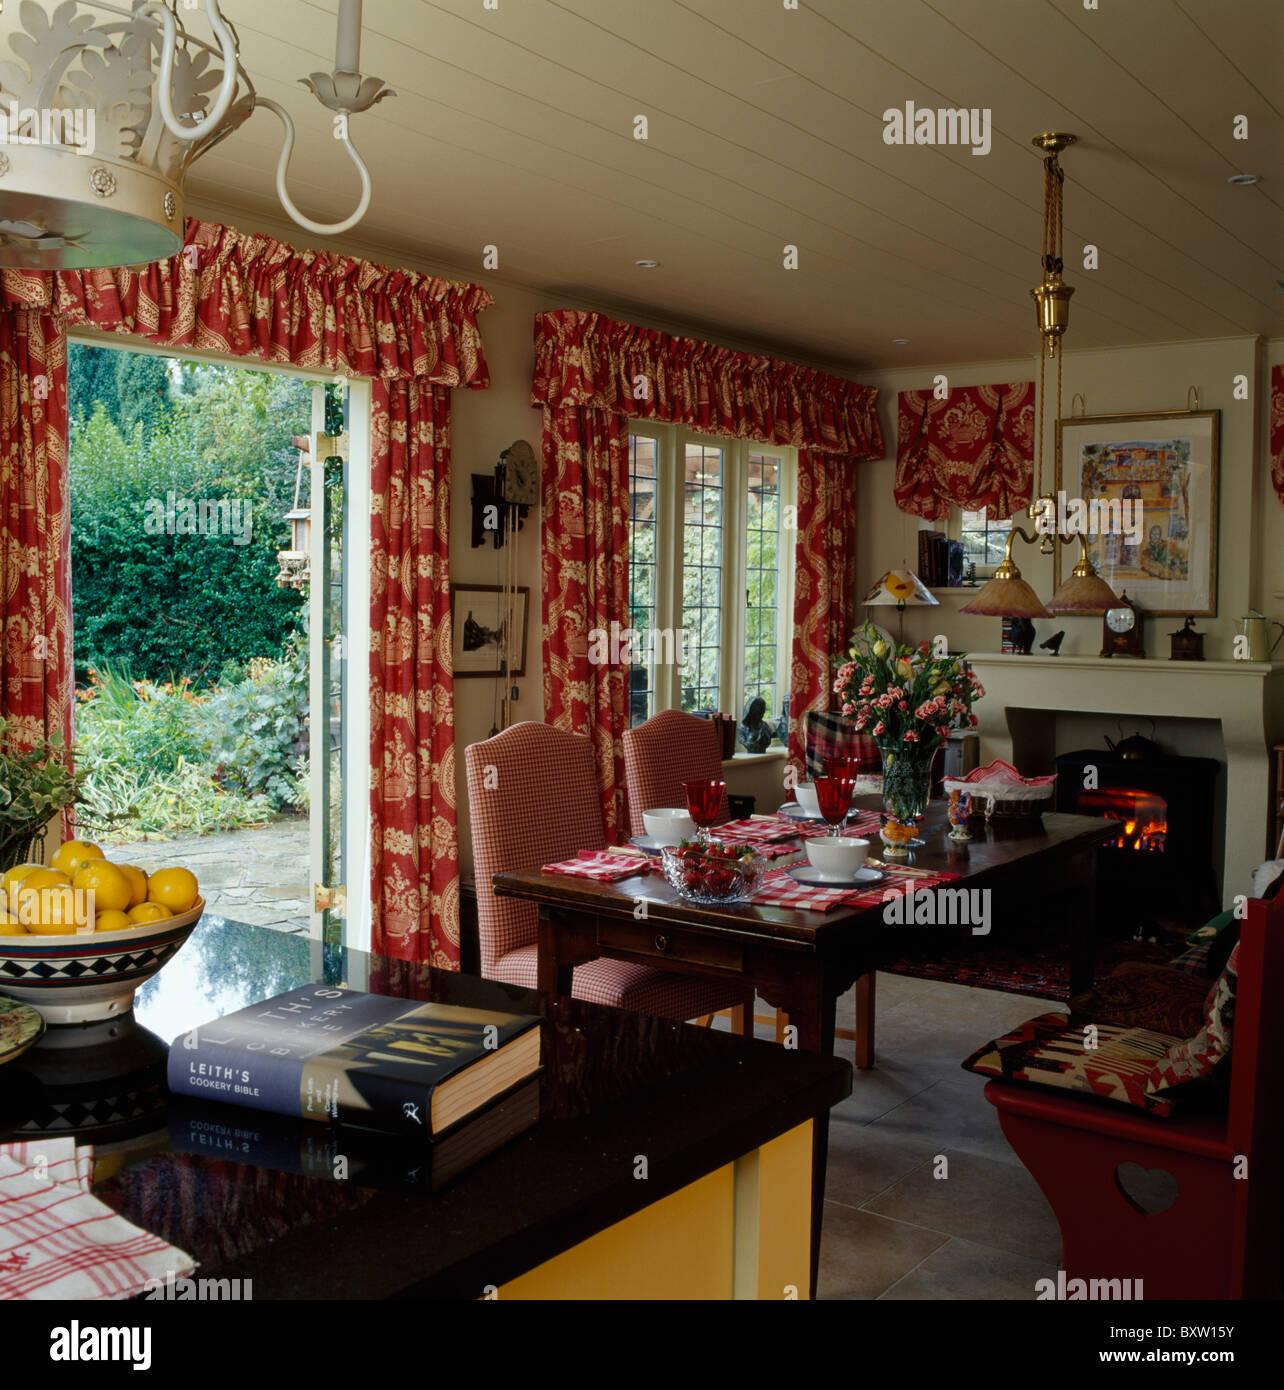 Gemusterte Vorhänge auf französische Fenster im Land Küche Esszimmer ...